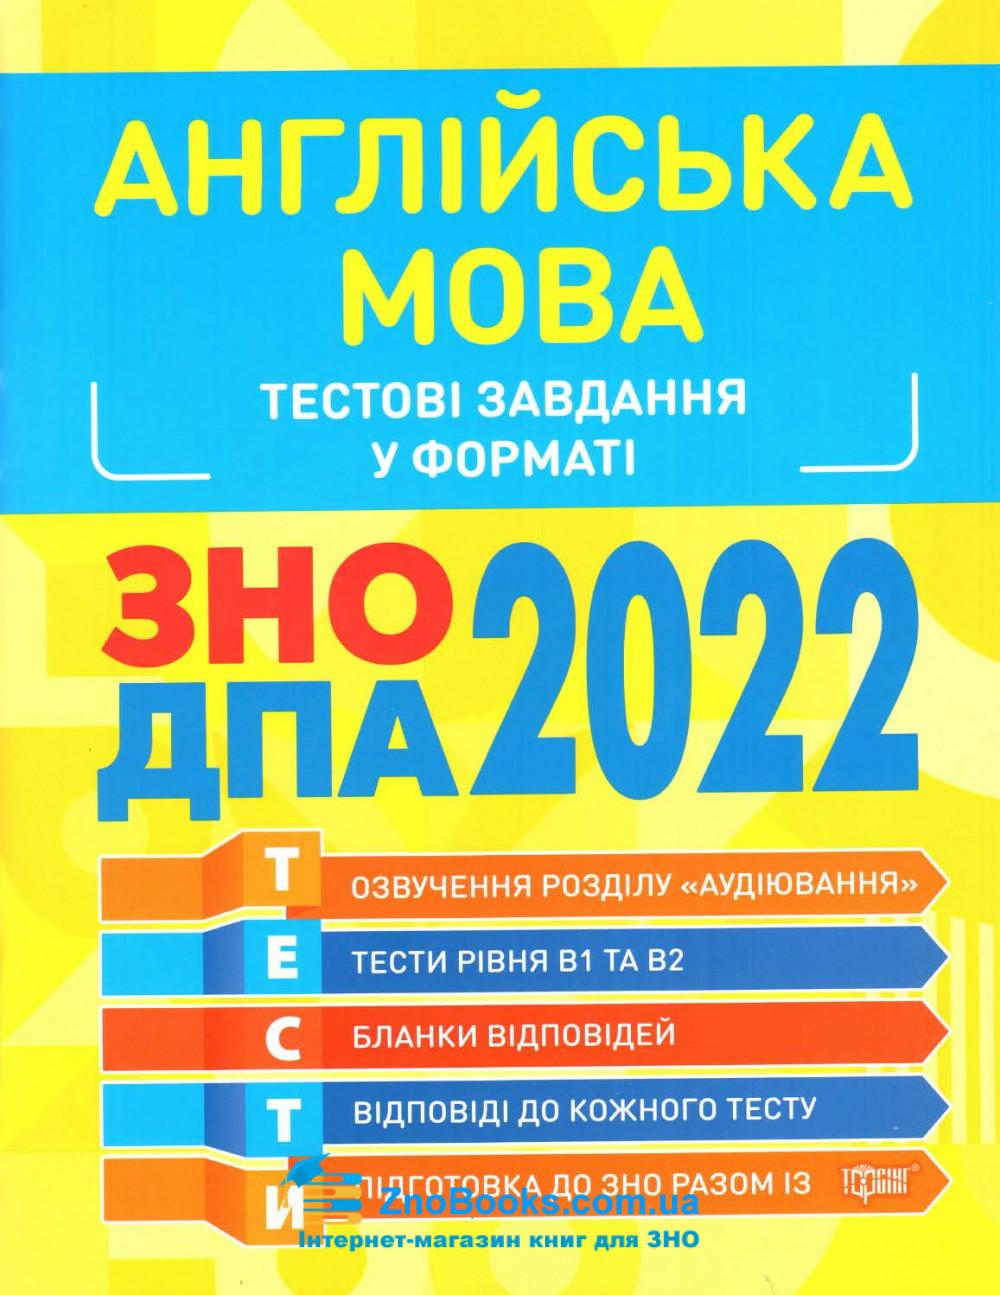 Тестові завдання у форматі ЗНО 2022 з Англійської мови : Безкоровайна О., Васильєва М. Торсінг 0